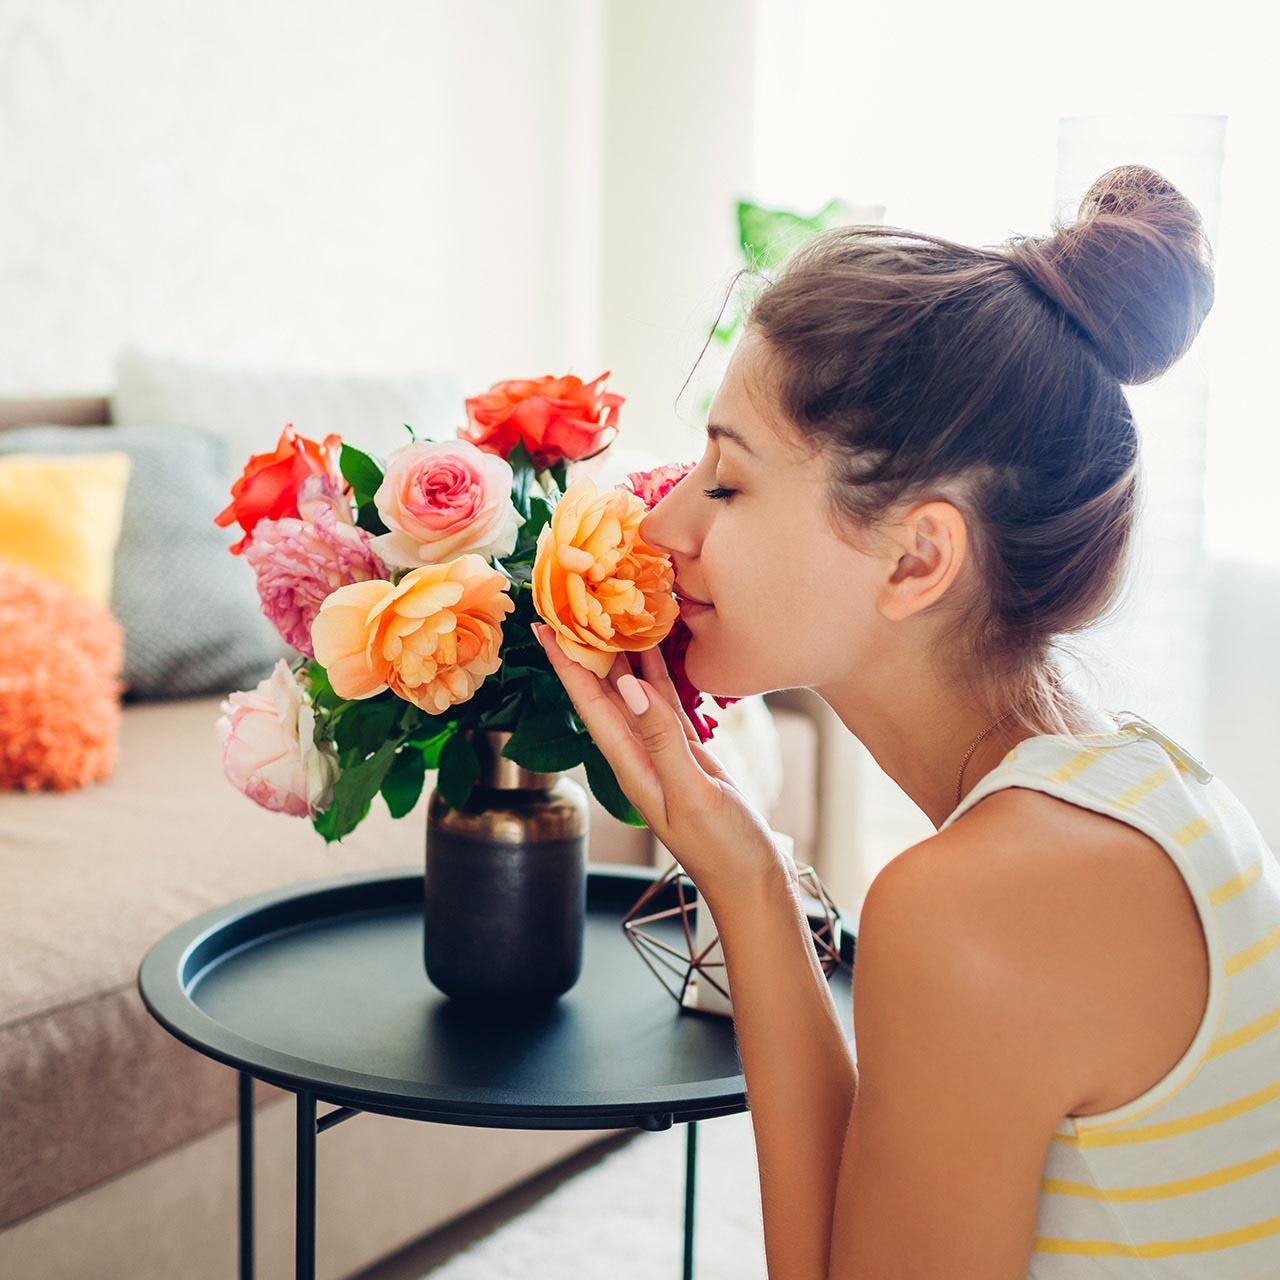 花のある生活を楽しむ女性